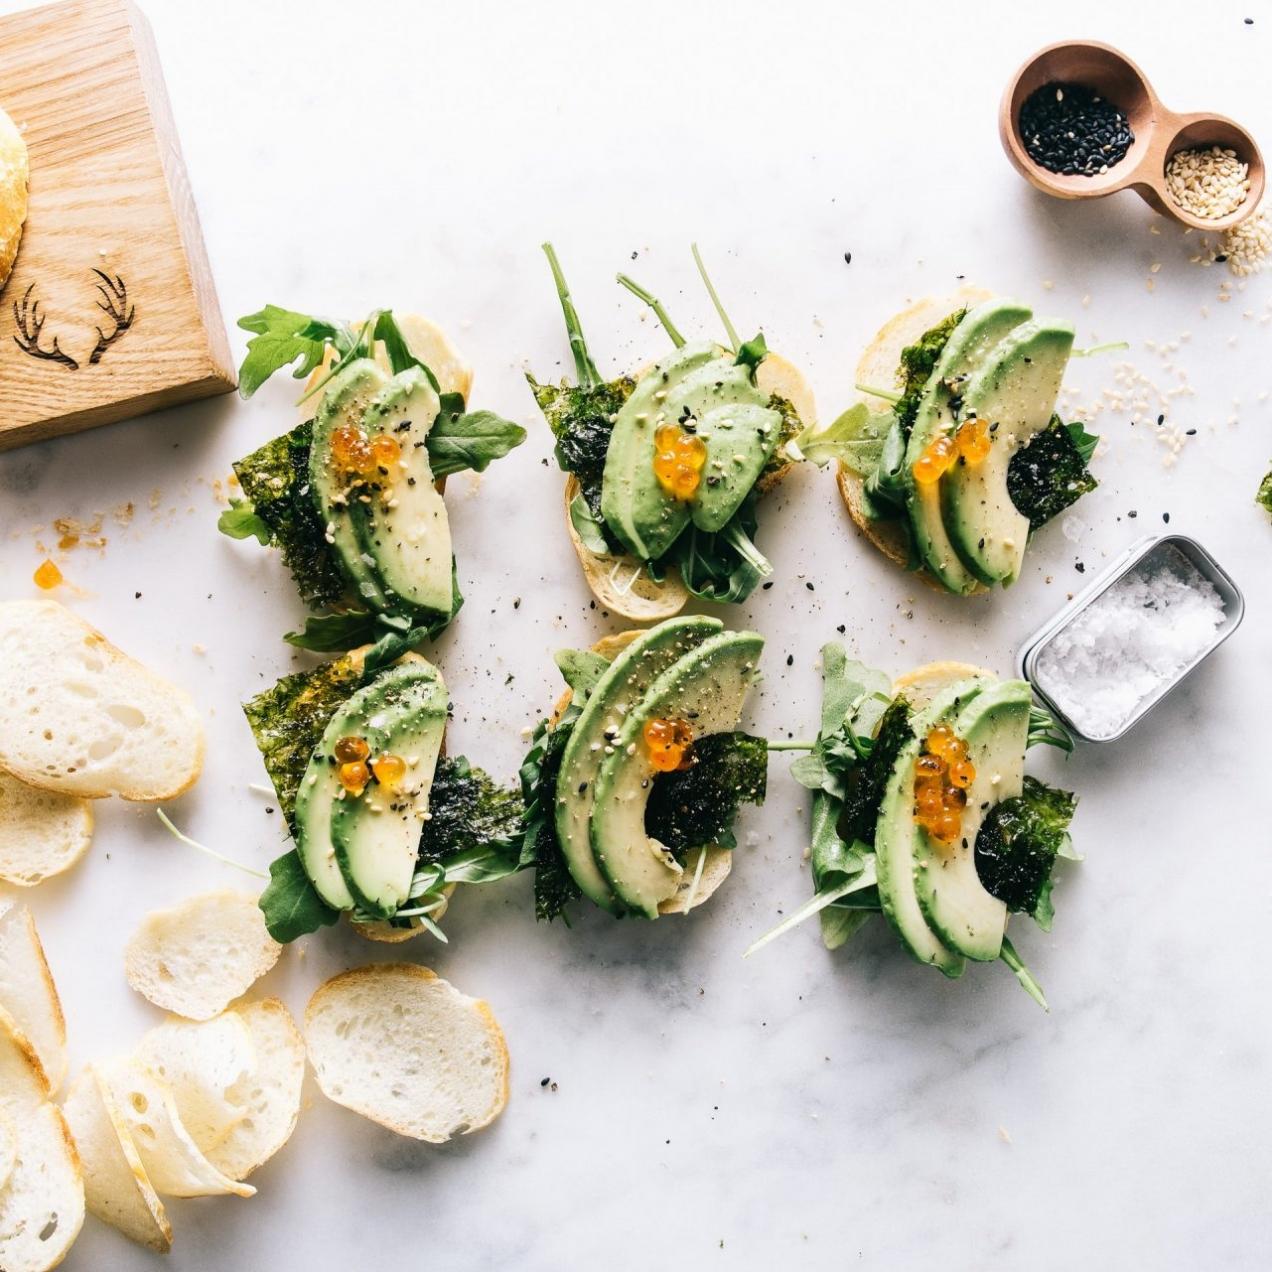 Kale and Ricotta Stuffed Shells Recipe